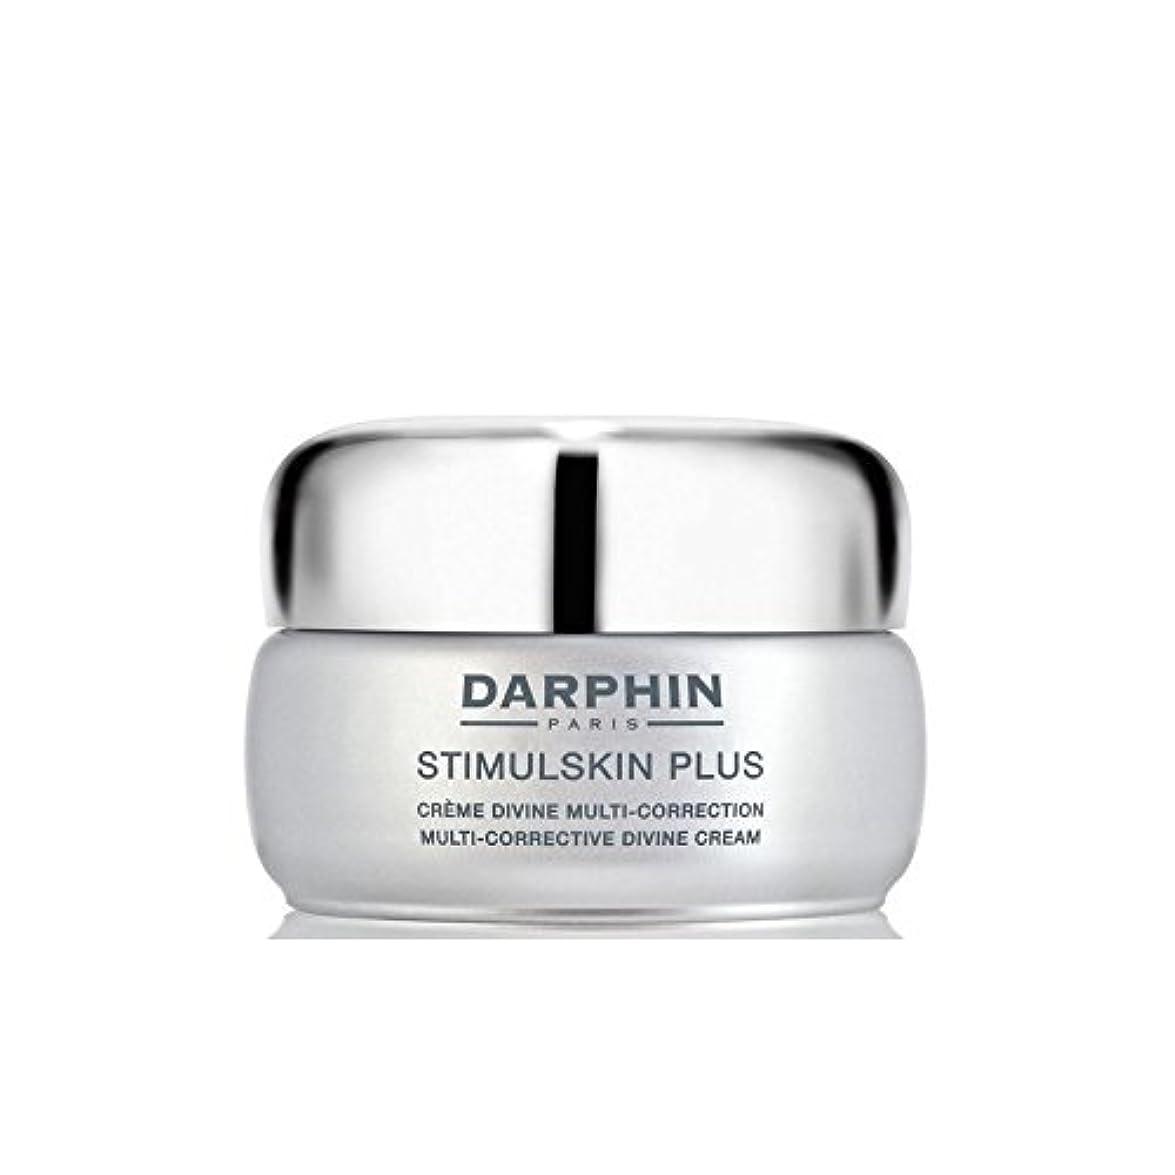 優しさ程度願うダルファンスティプラスマルチ是正神クリーム - 豊富 x2 - Darphin Stimulskin Plus Multi-Corrective Divine Cream - Rich (Pack of 2) [並行輸入品]